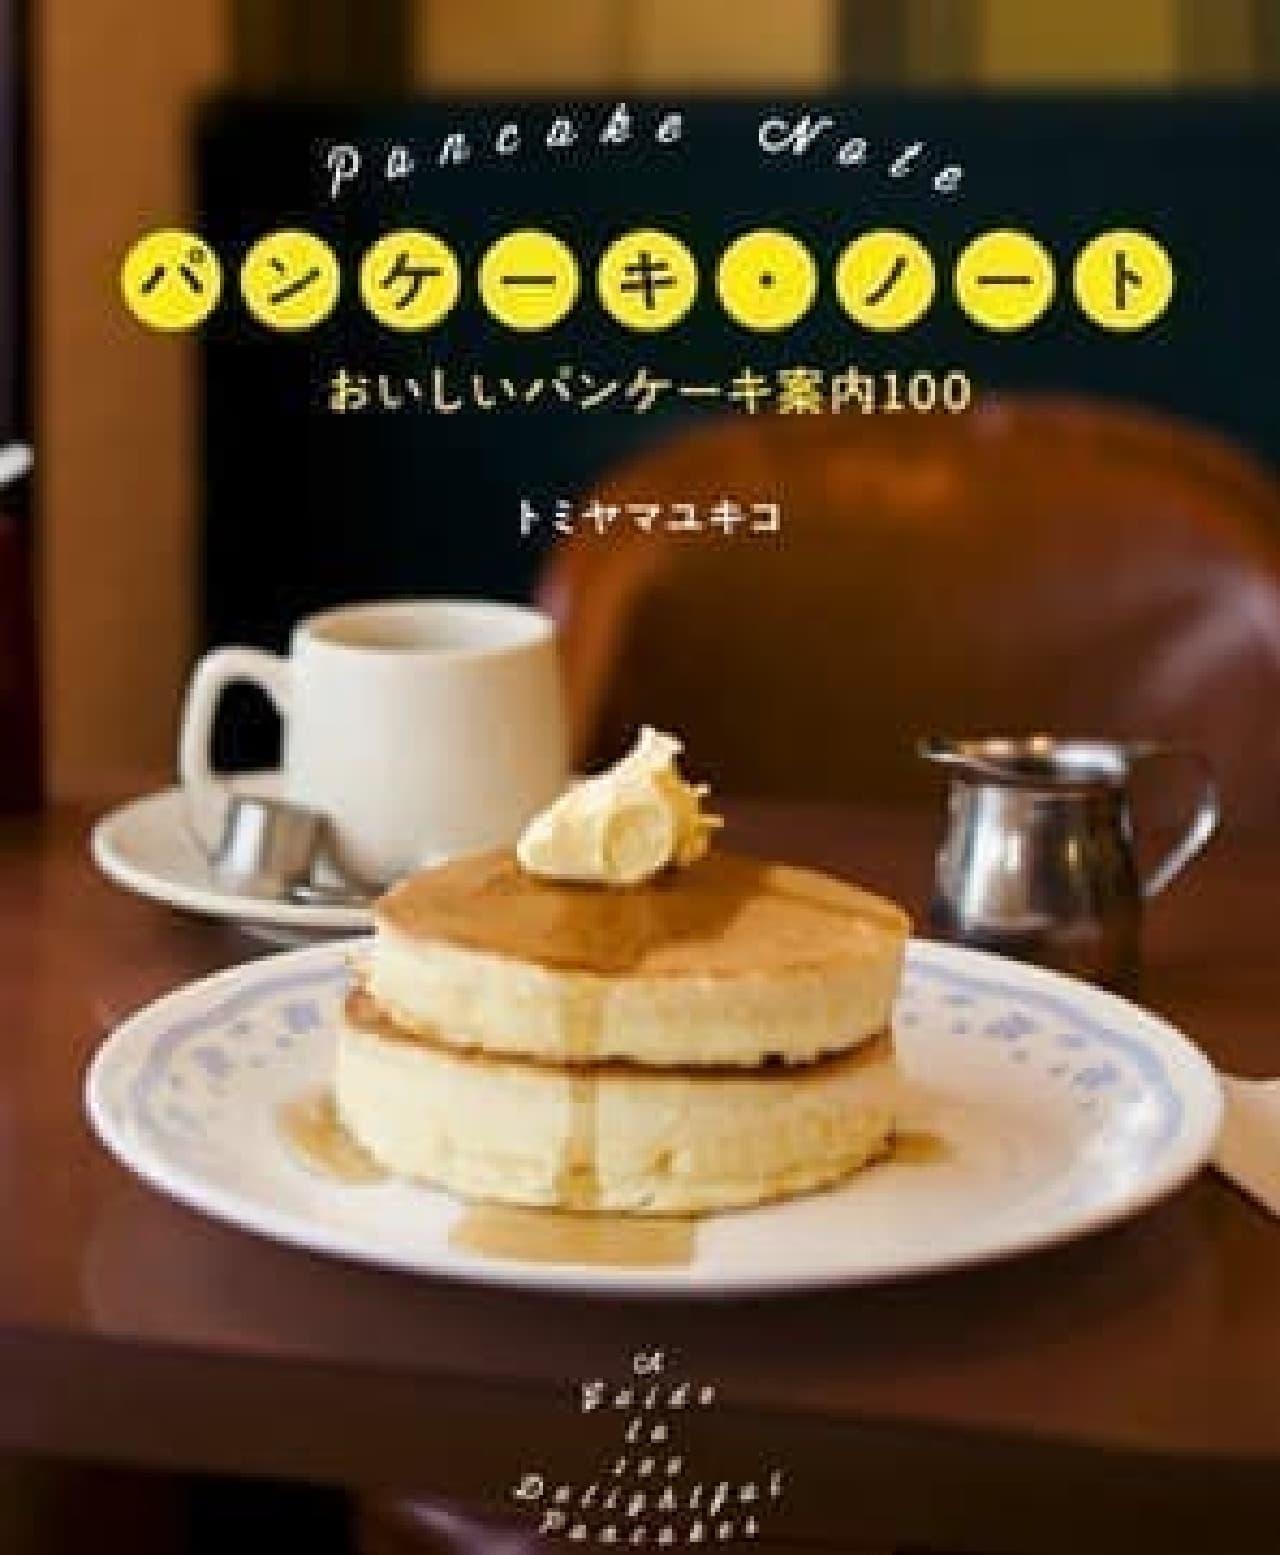 トミヤマユキコさんの著書『パンケーキ・ノート』